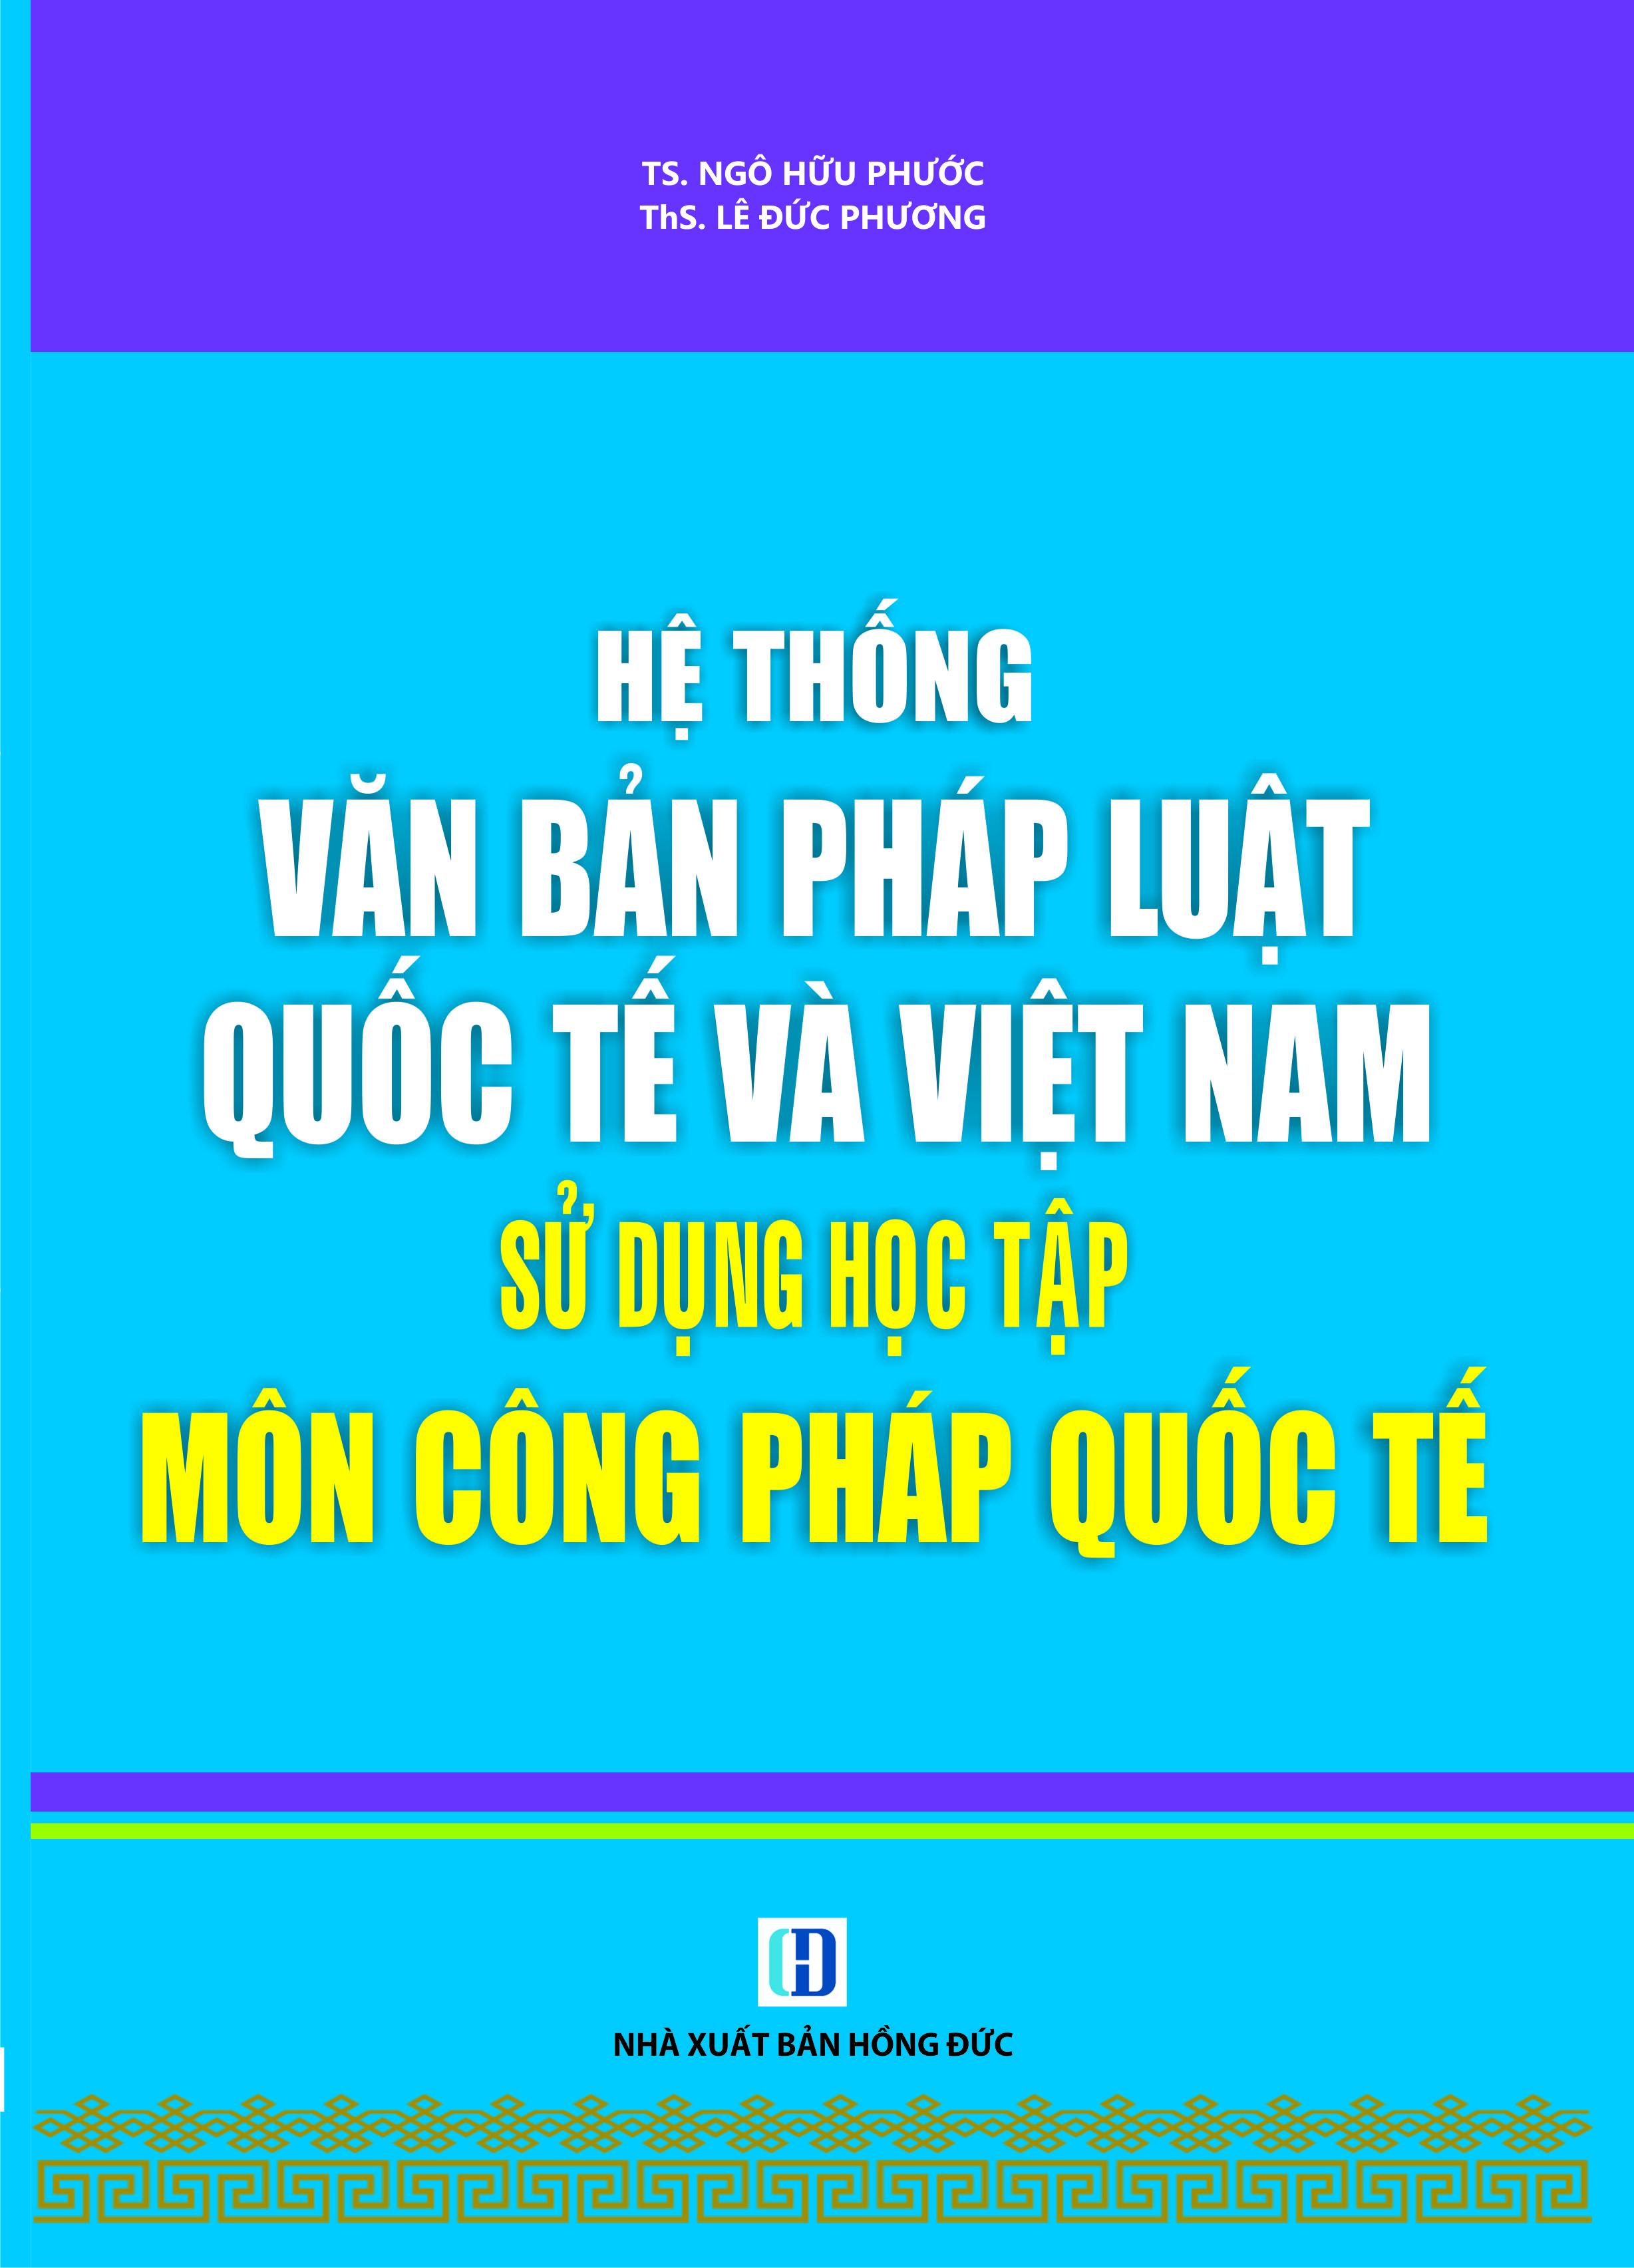 Hệ Thống Văn Bản Pháp Luật Quốc Tế Và Việt Nam Sử Dụng Học Tập Môn Công Pháp Quốc Tế - 960470 , 8396998897909 , 62_2238639 , 115000 , He-Thong-Van-Ban-Phap-Luat-Quoc-Te-Va-Viet-Nam-Su-Dung-Hoc-Tap-Mon-Cong-Phap-Quoc-Te-62_2238639 , tiki.vn , Hệ Thống Văn Bản Pháp Luật Quốc Tế Và Việt Nam Sử Dụng Học Tập Môn Công Pháp Quốc Tế